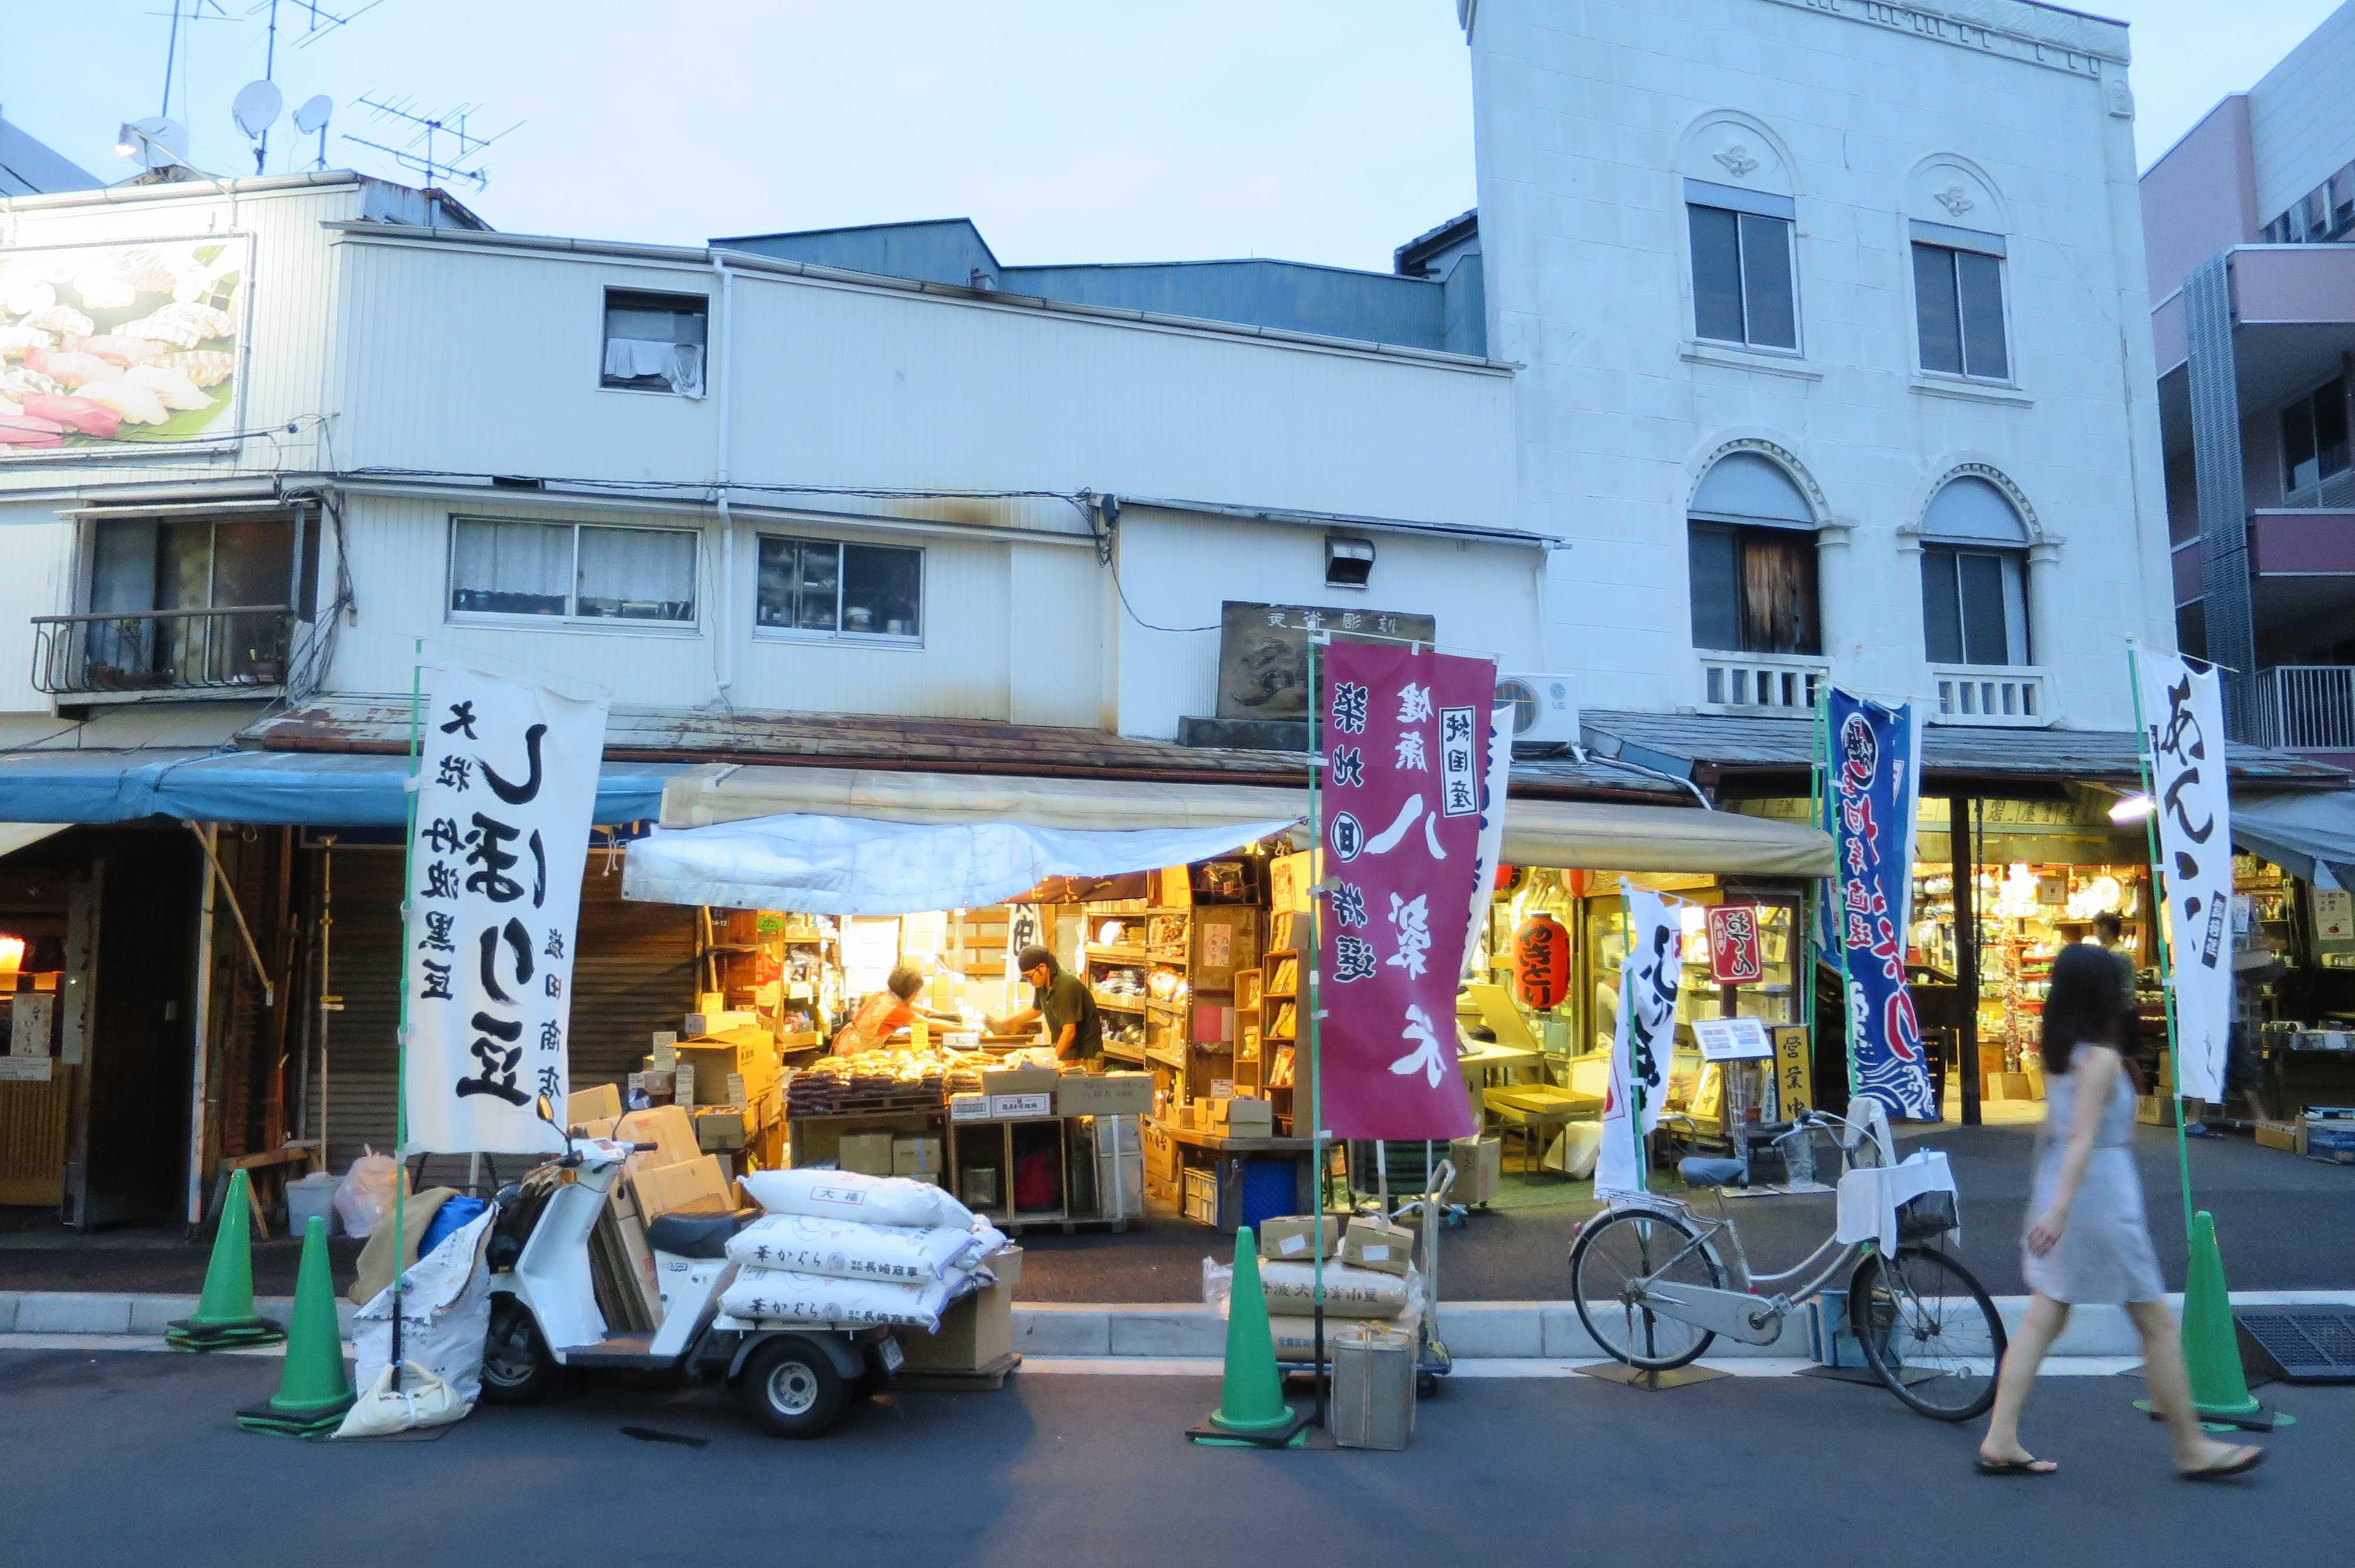 築地場外市場 - 白亜の看板建築・岩本ビル(一不二うつわ)